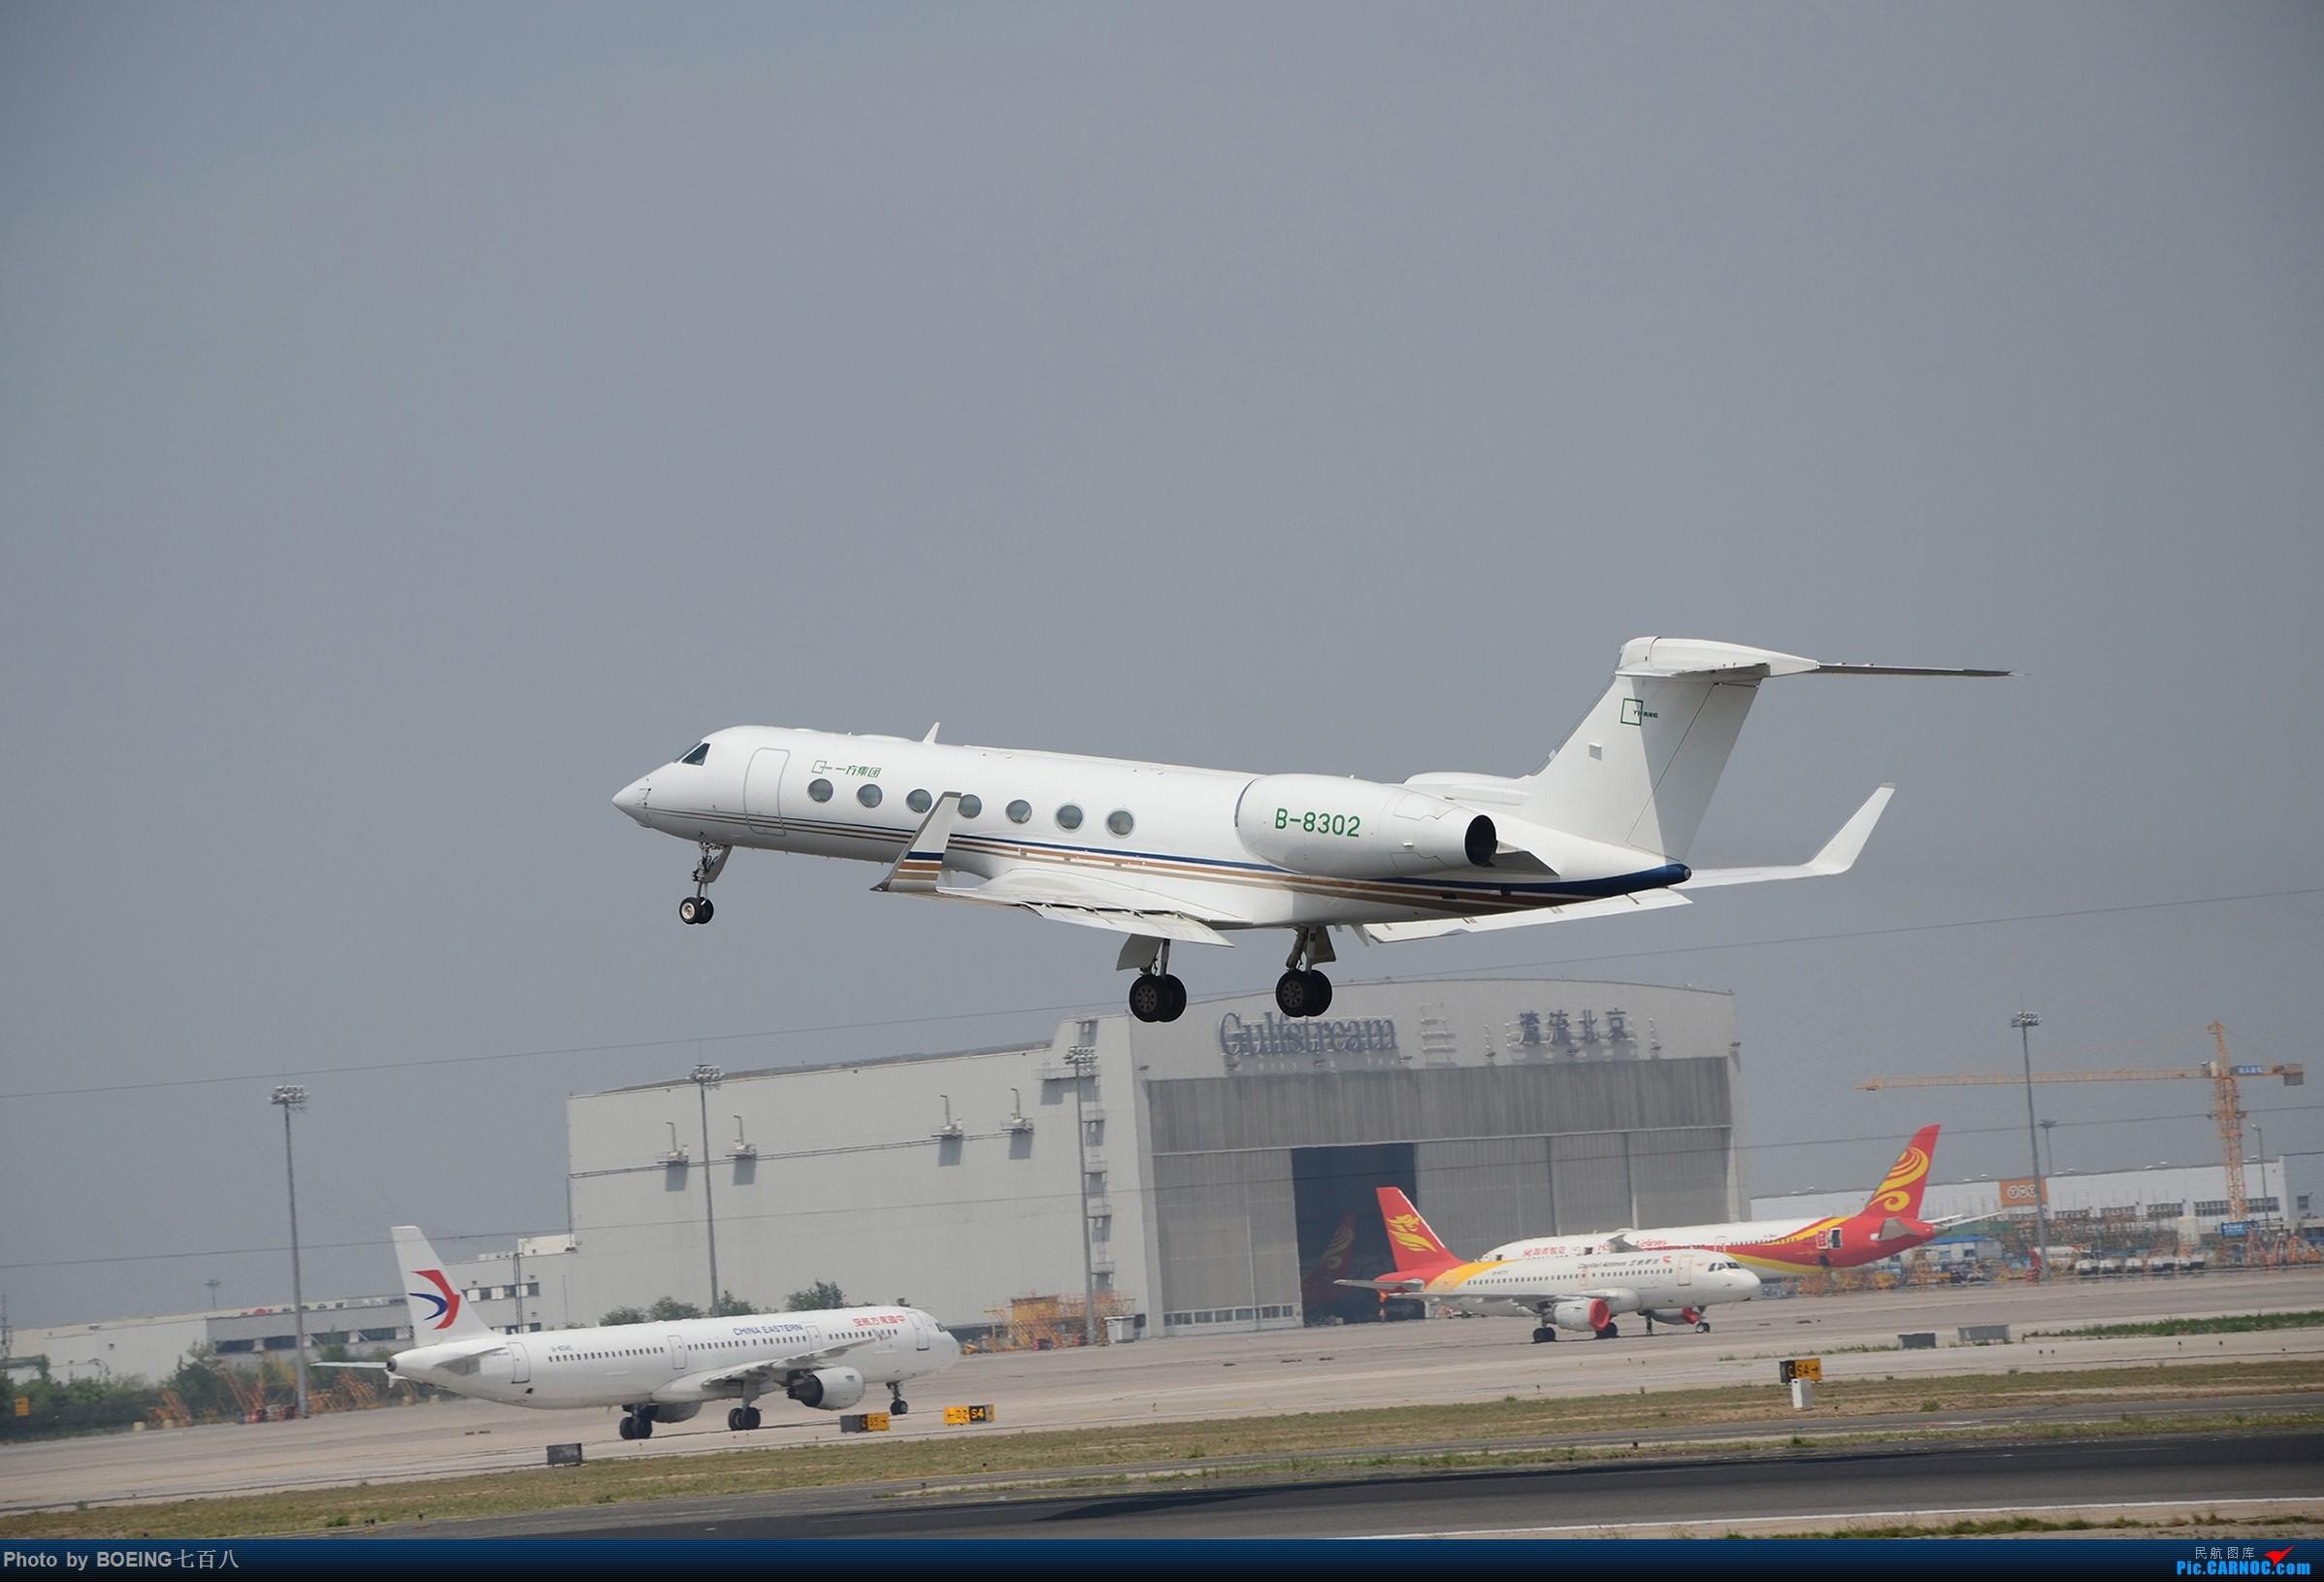 Re:[原创]海航家的黄焖熊猫和清蒸熊猫等好货 GULFSTREAM G550 B-8302 中国北京首都国际机场